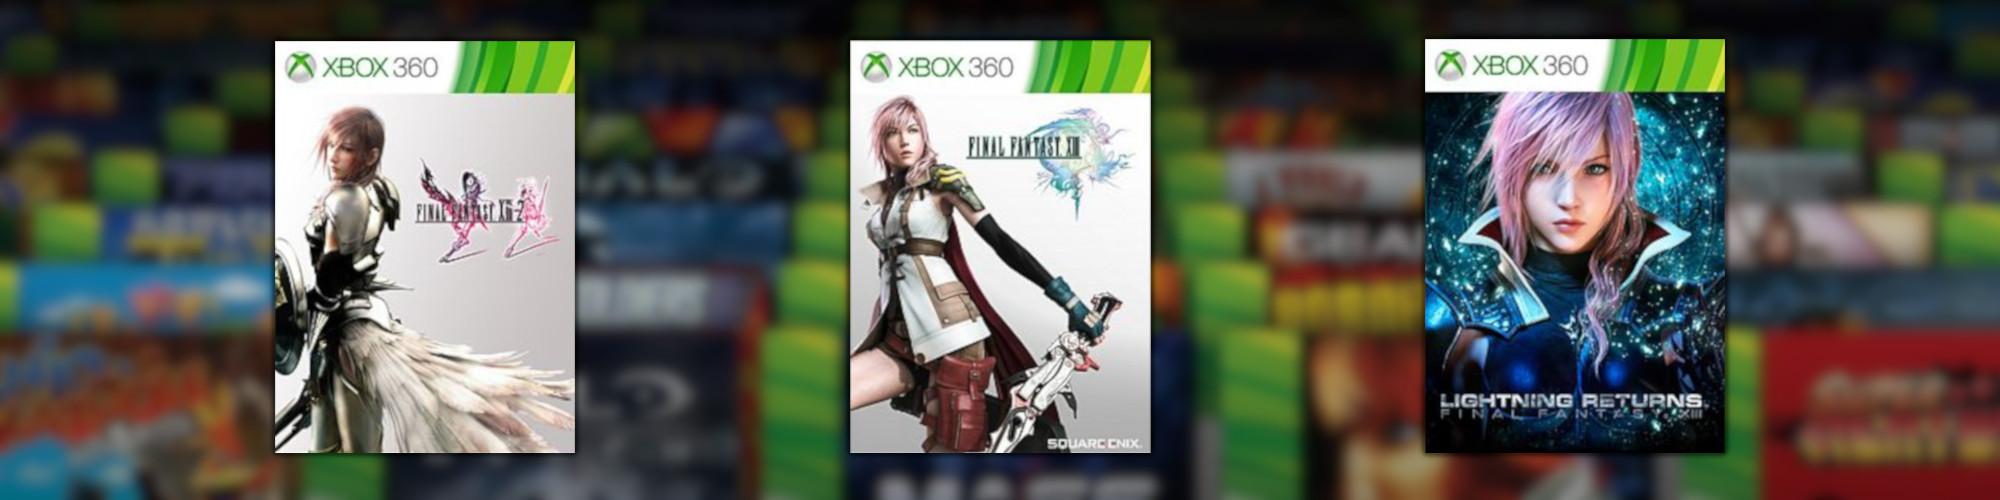 Final Fantasy wsteczna kompatybilność Xbox One